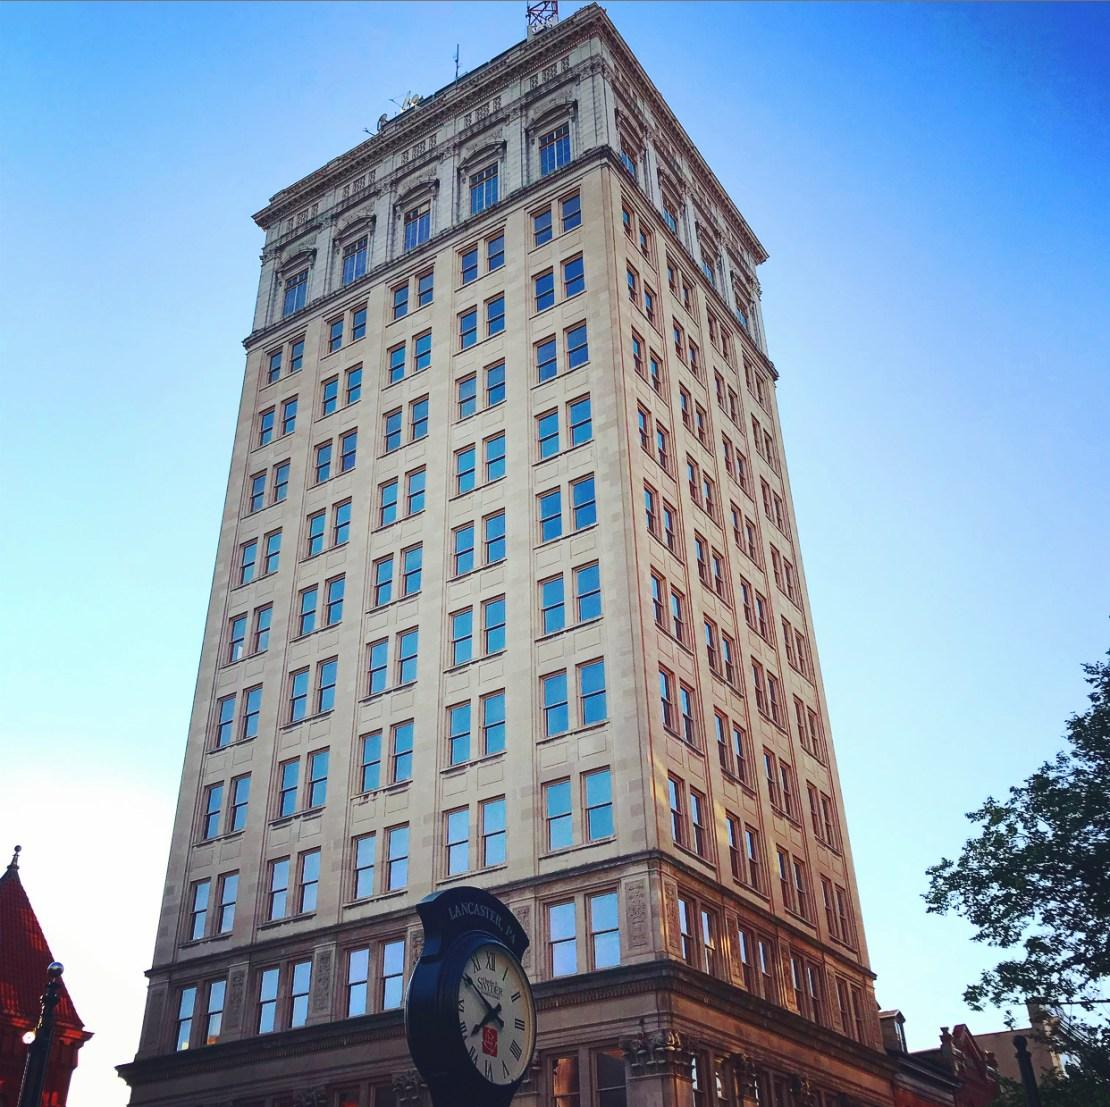 W.W. Griest Building